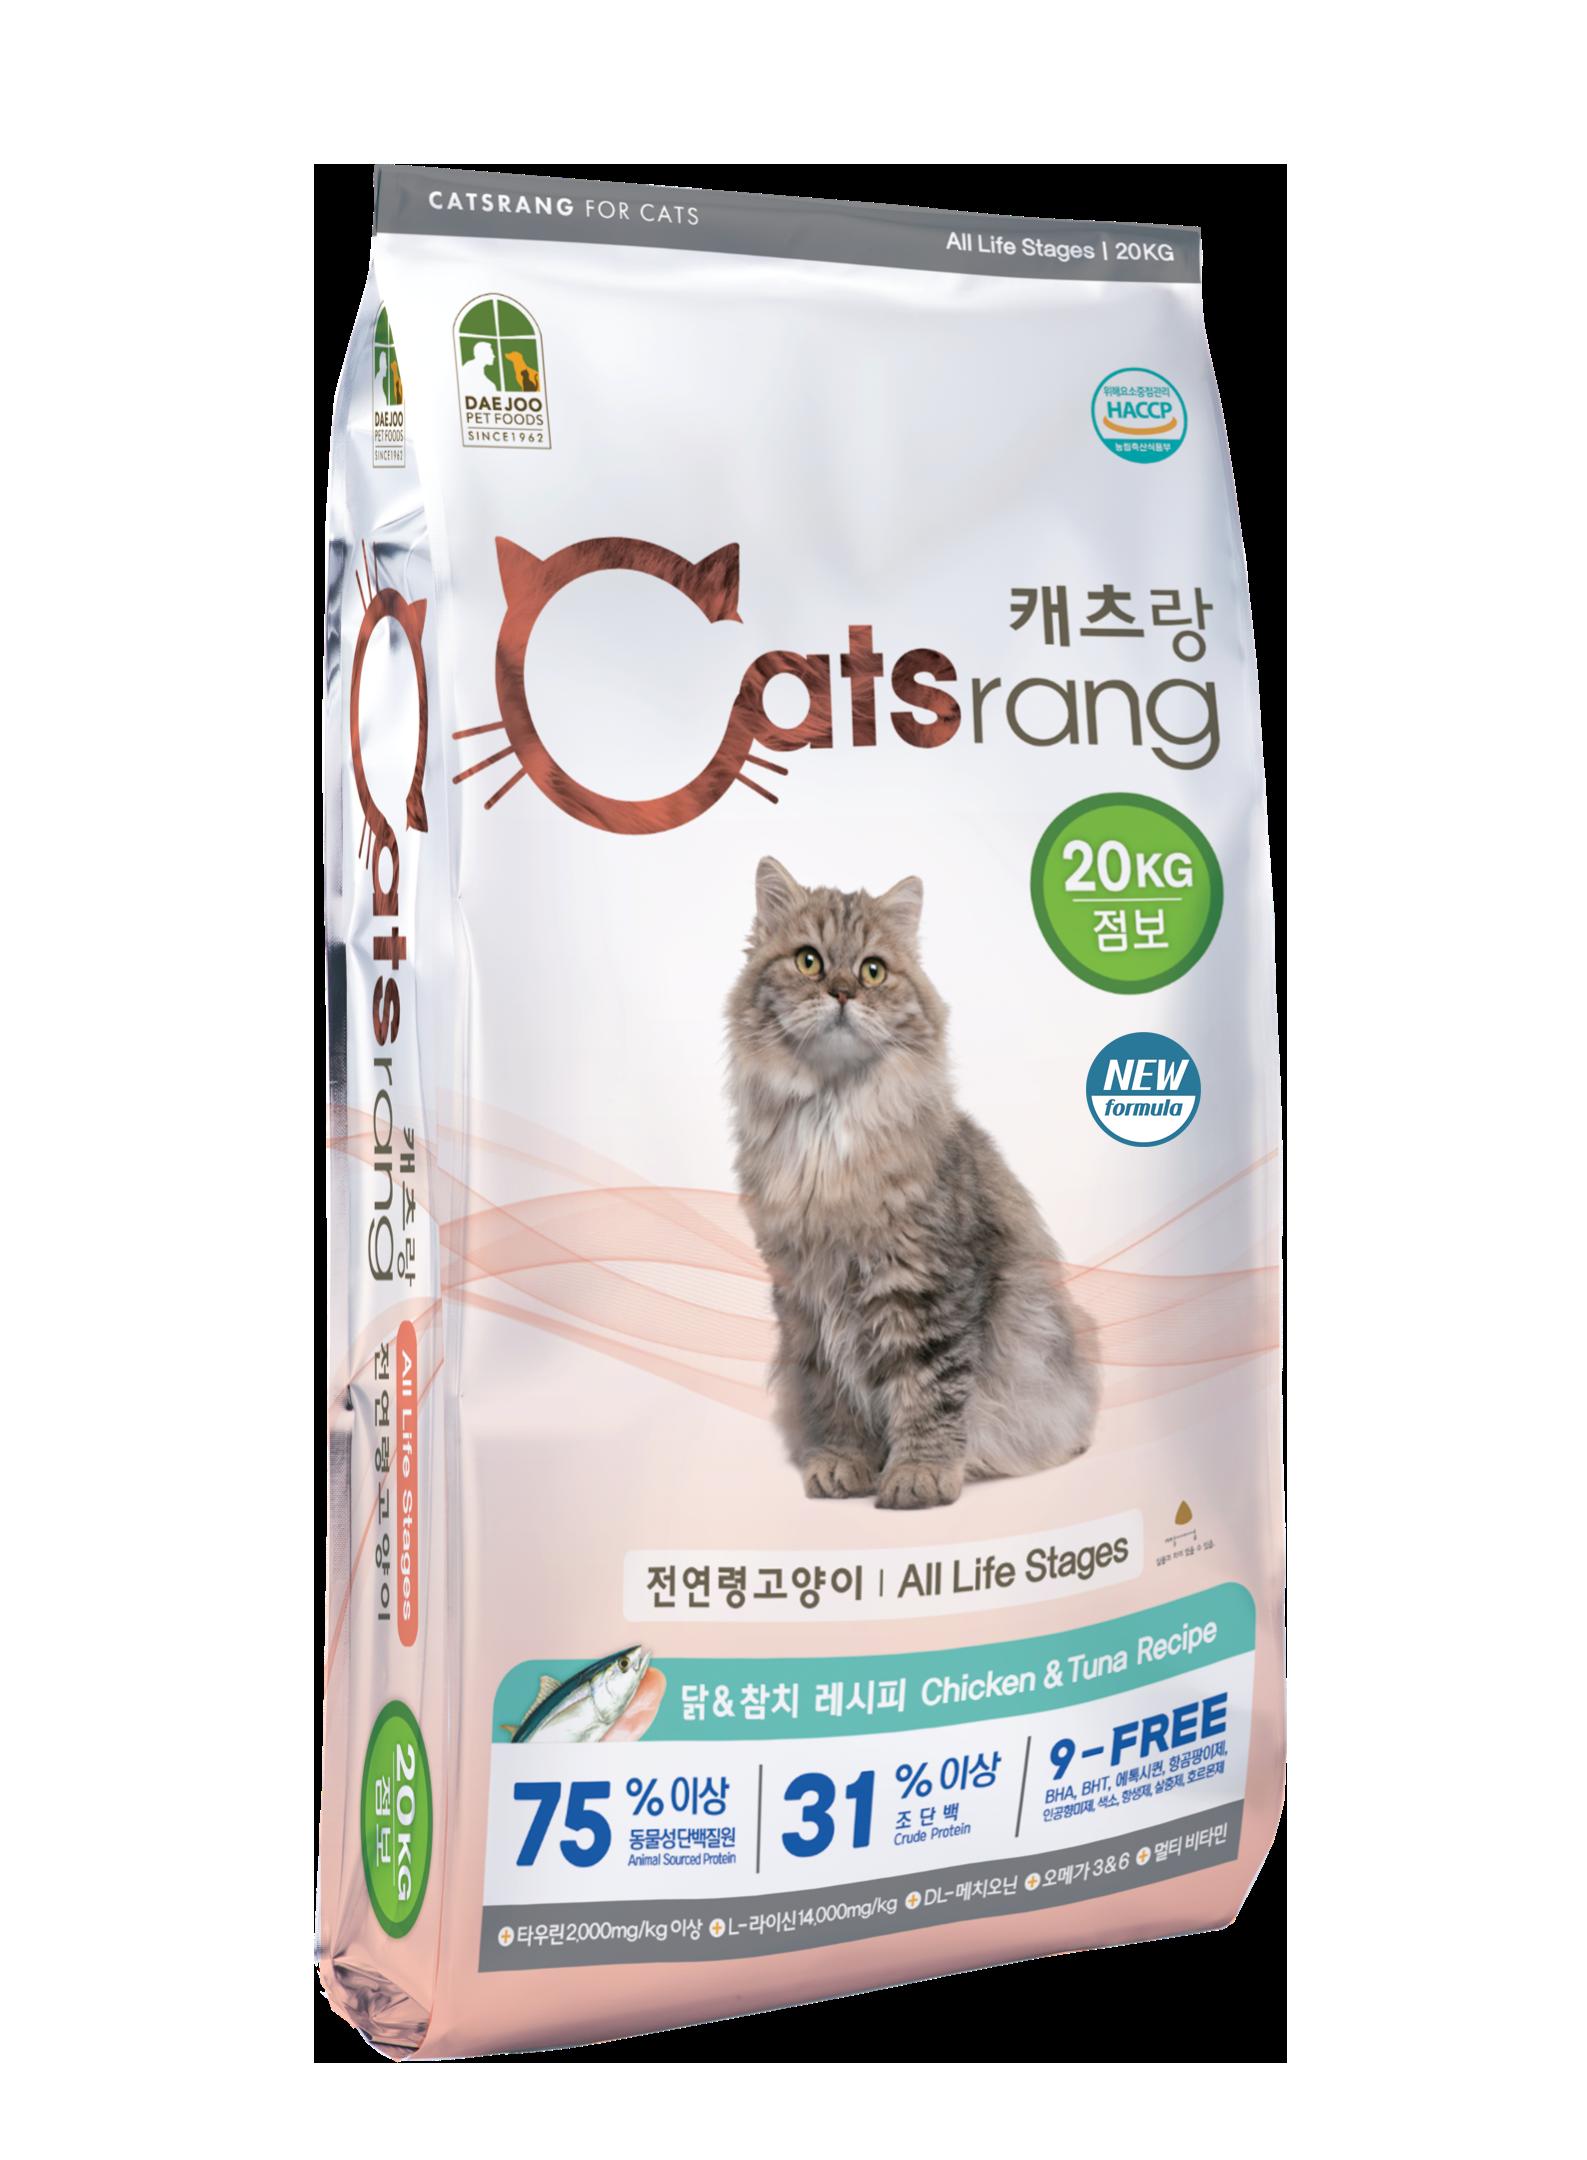 캐츠랑 NEW 전연령 올라이프 고양이 건식사료, 닭+참치, 20kg